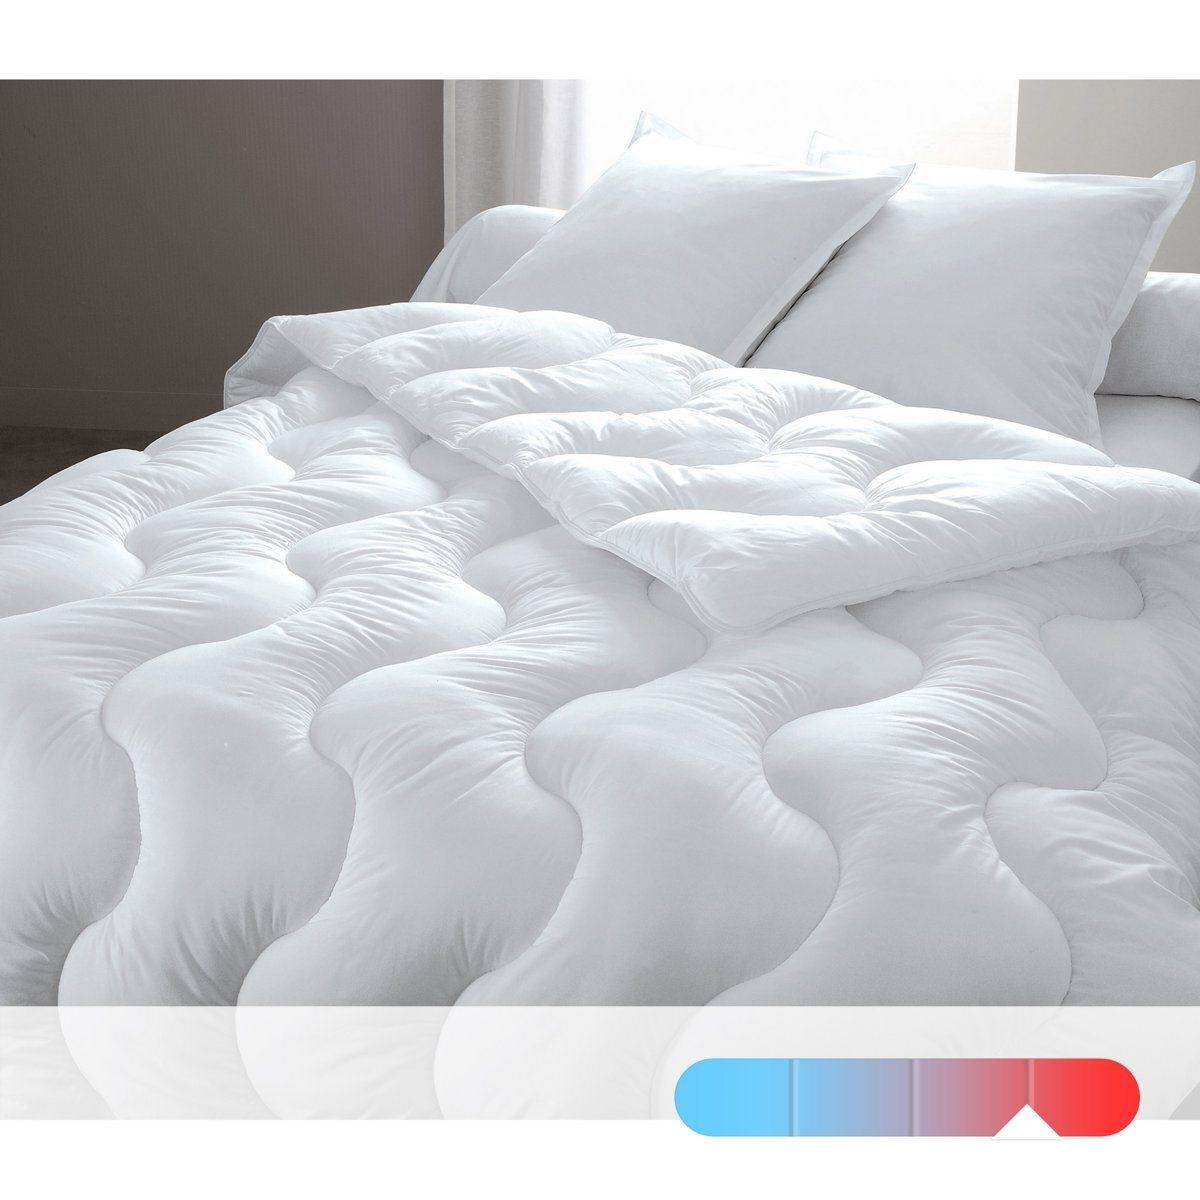 Одеяло синтетическое с чехлом из натурального материала, качество люкс от La Redoute